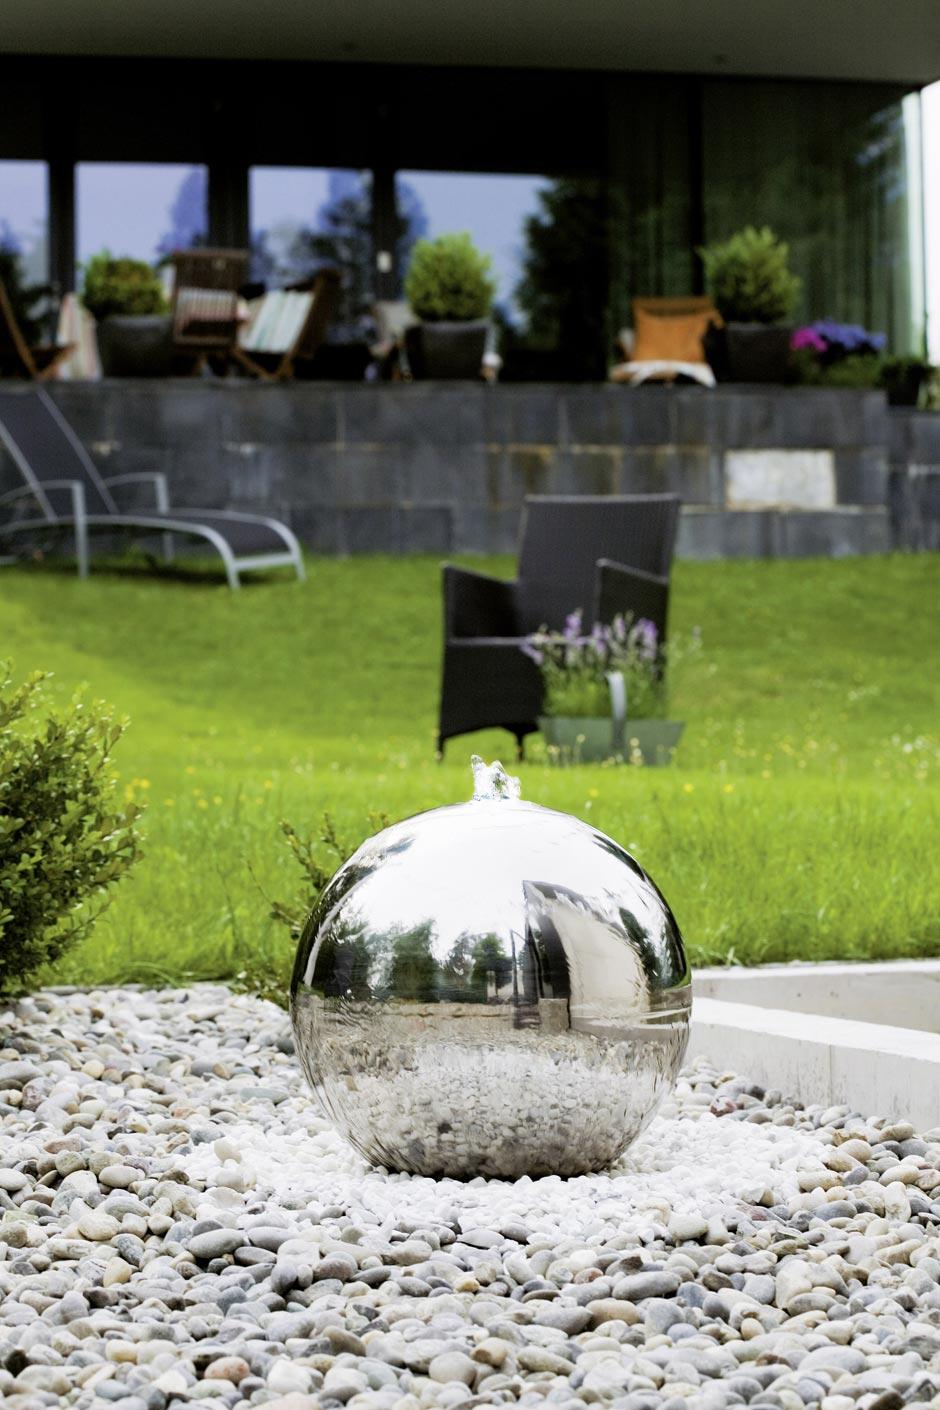 Fontaine pour le jardin ronde en inox forme bac à enterrer sphère diamètre  50cm sur gravillons